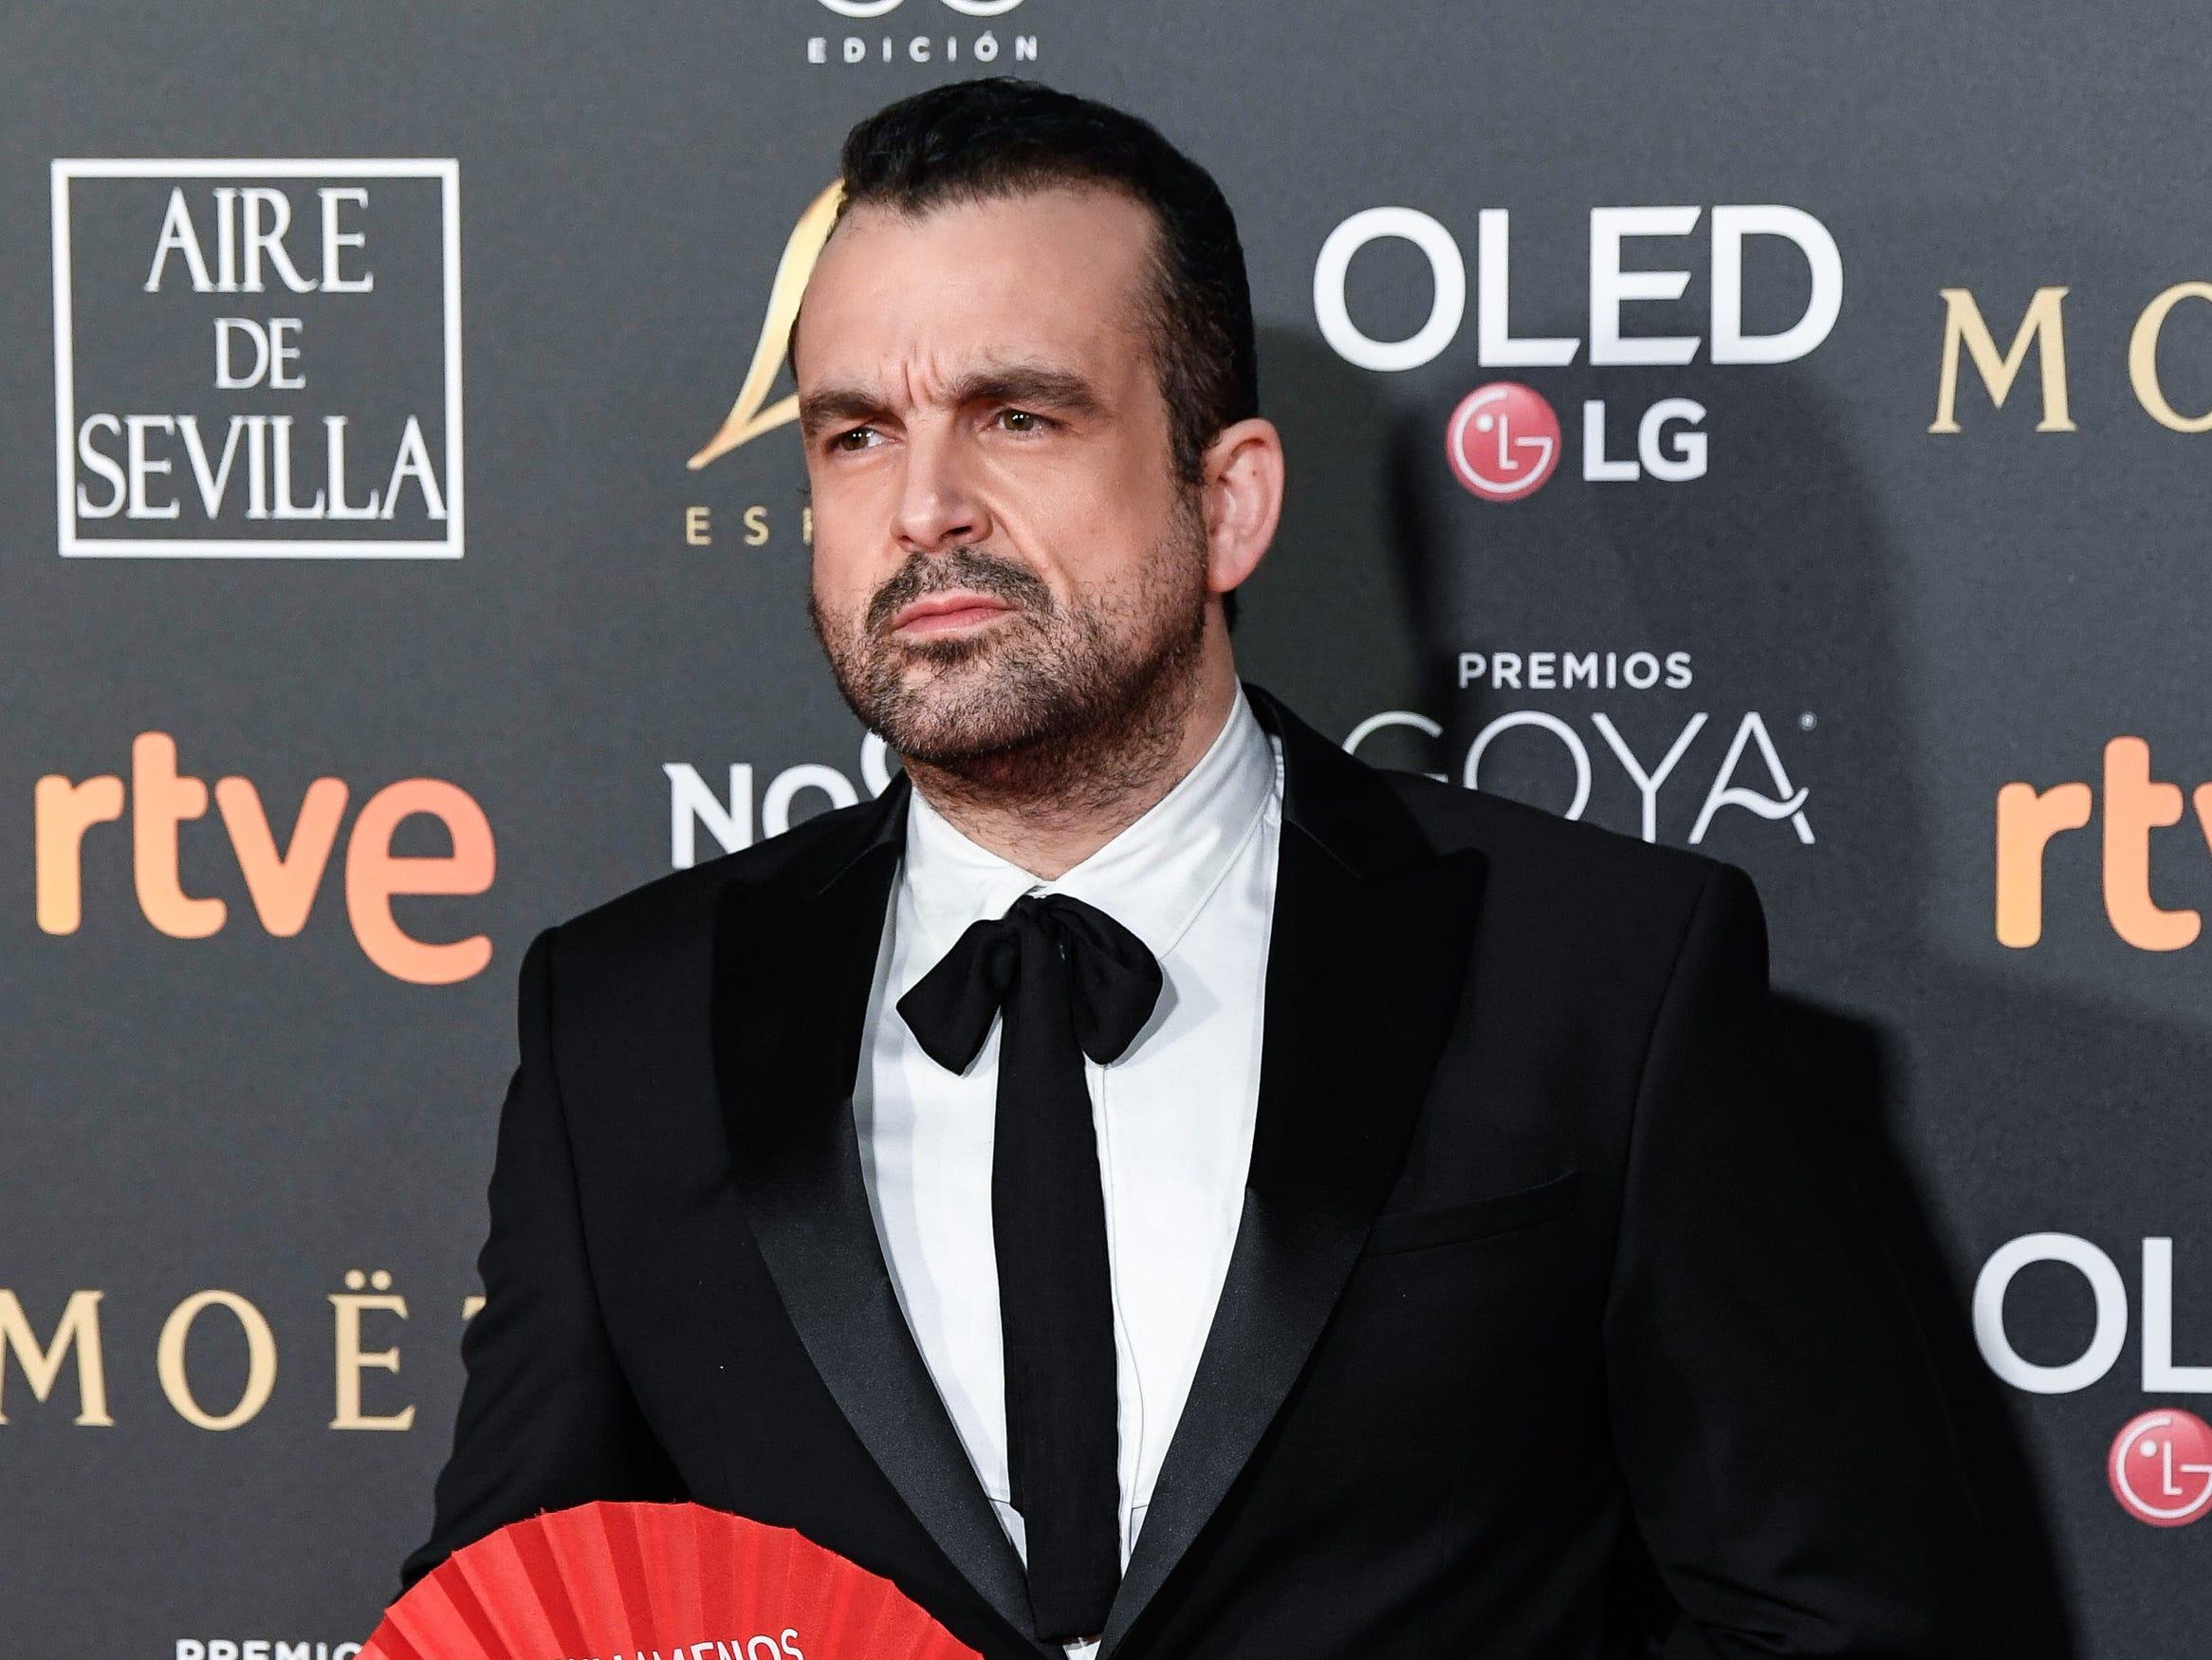 Nacho Vigalondo asiste a la 33ª edición de los Premios de Cine Goya en el Palacio de Congresos y Exposiciones FIBES el 2 de febrero de 2019 en Sevilla, España.